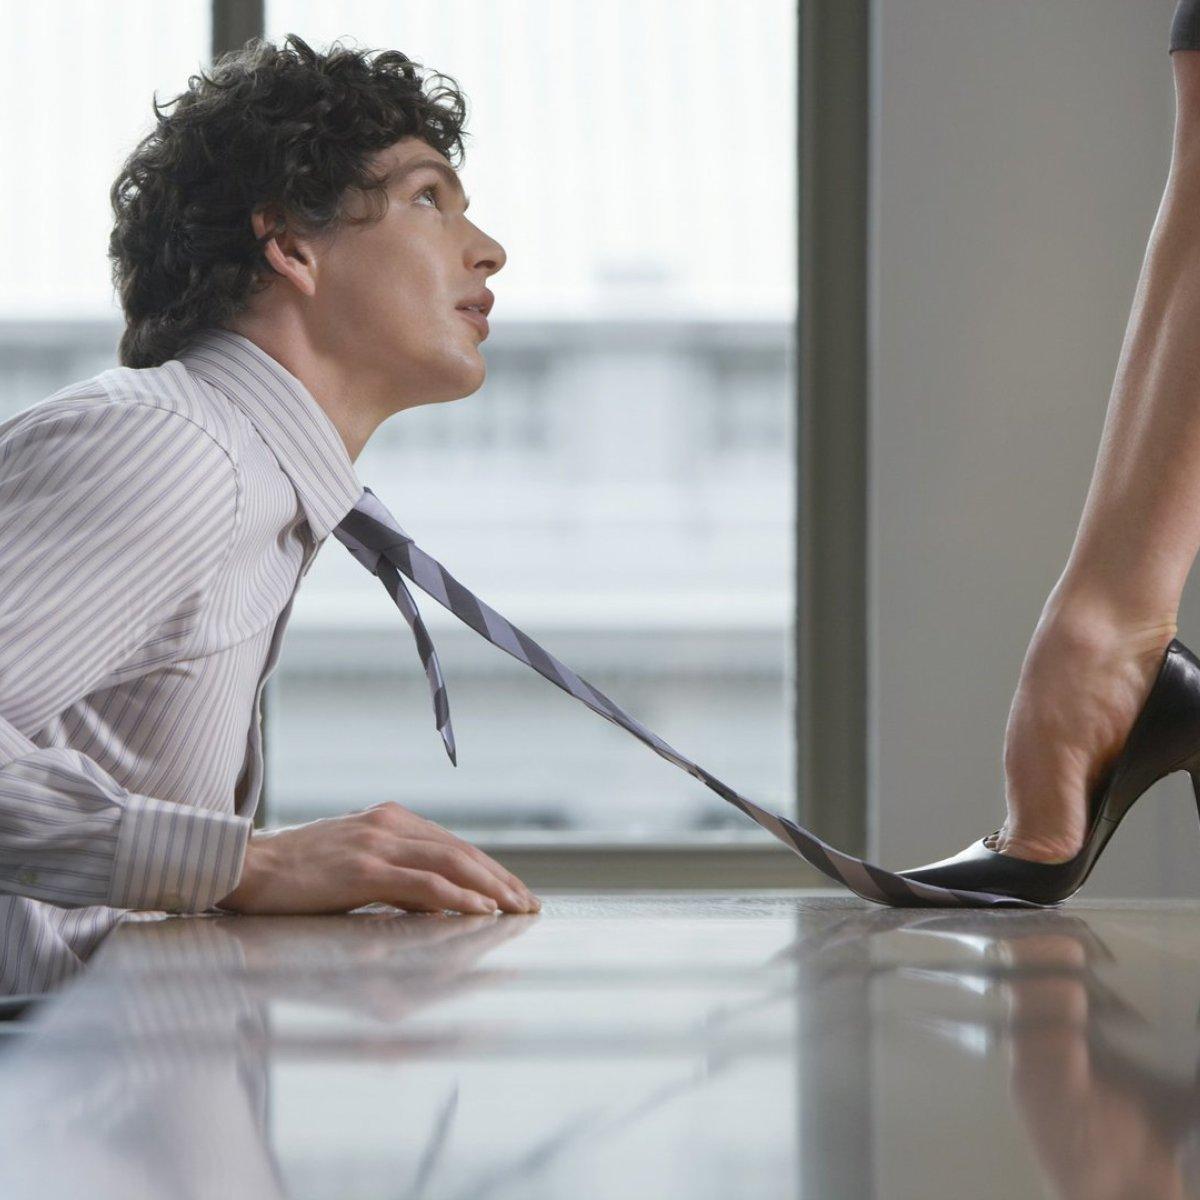 silpna erekcija 53 m ko reikia erekcijai prieš lytinį aktą